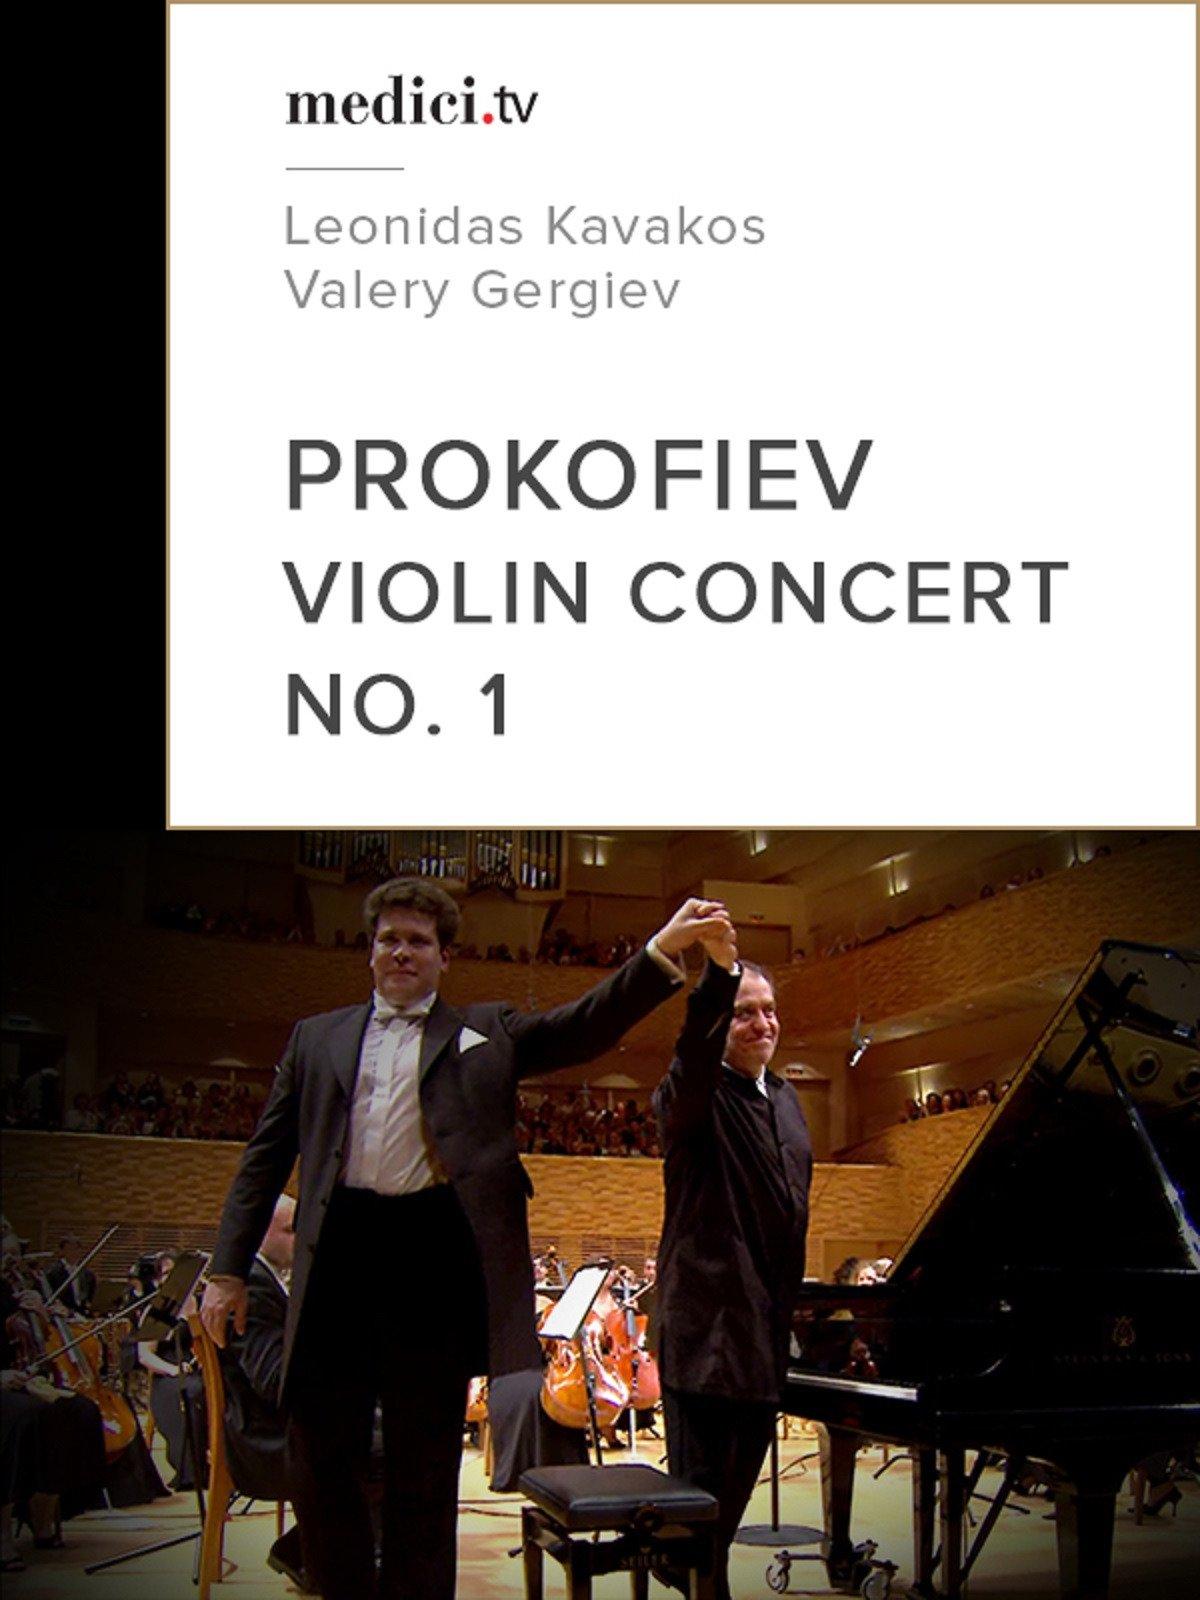 Prokofiev, Violin Concerto No. 1